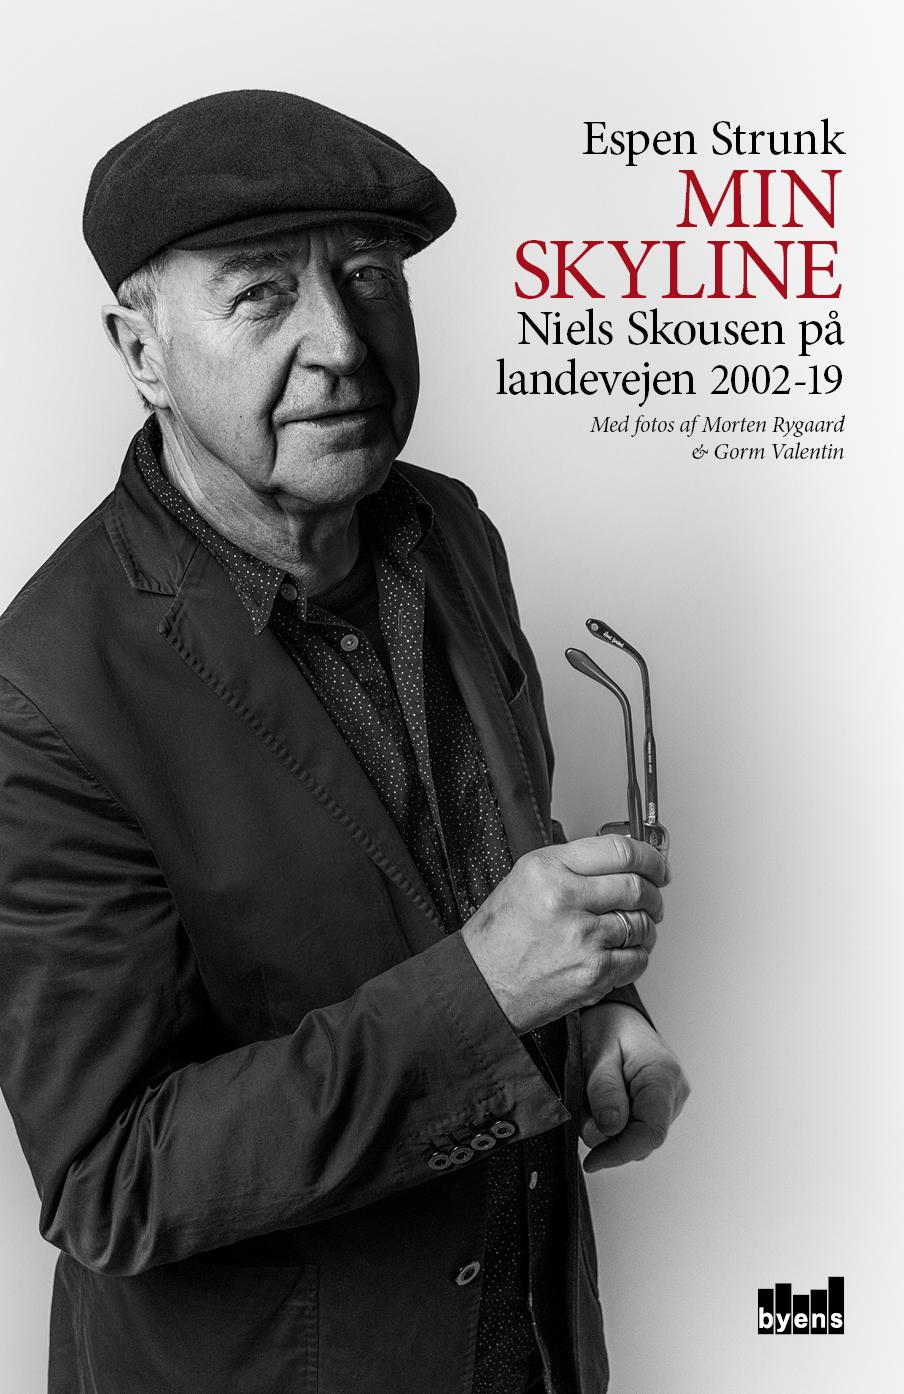 Min skyline - Espen Strunk - Bøger - Byens Forlag - 9788793758292 - January 28, 2019